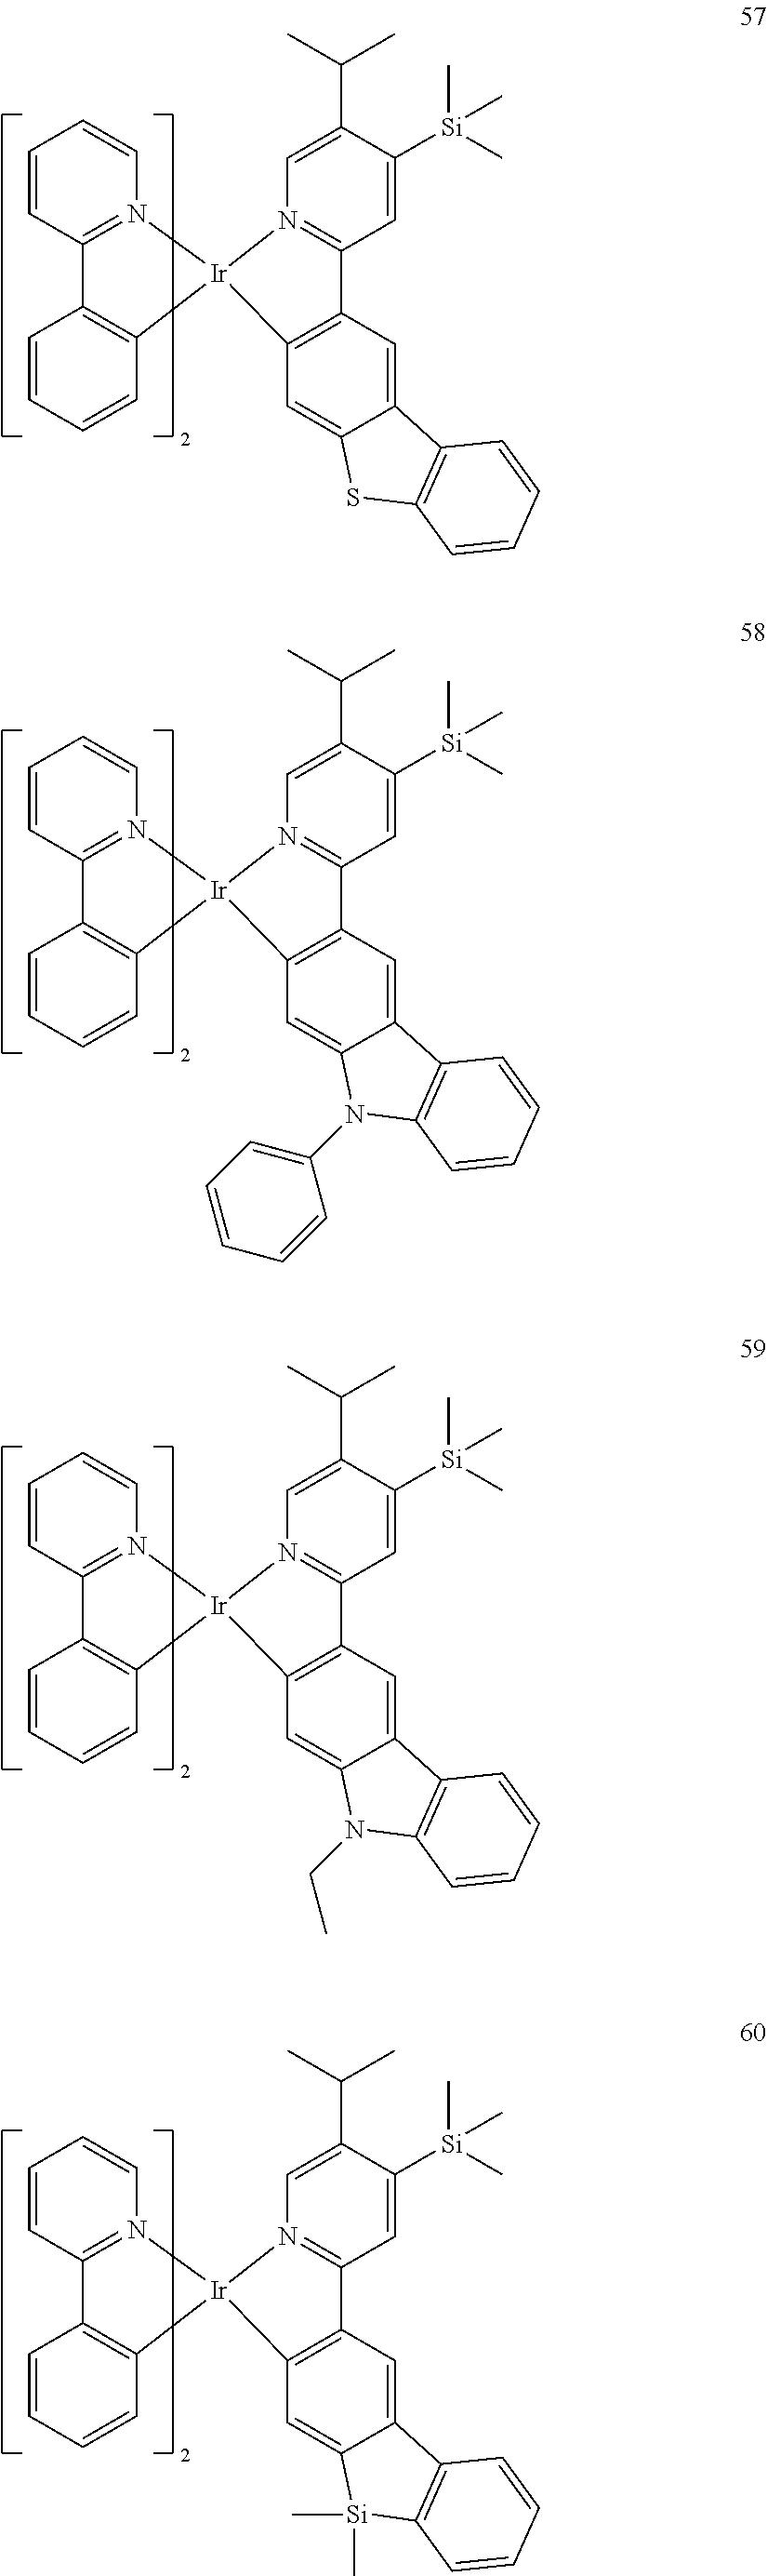 Figure US20160155962A1-20160602-C00347